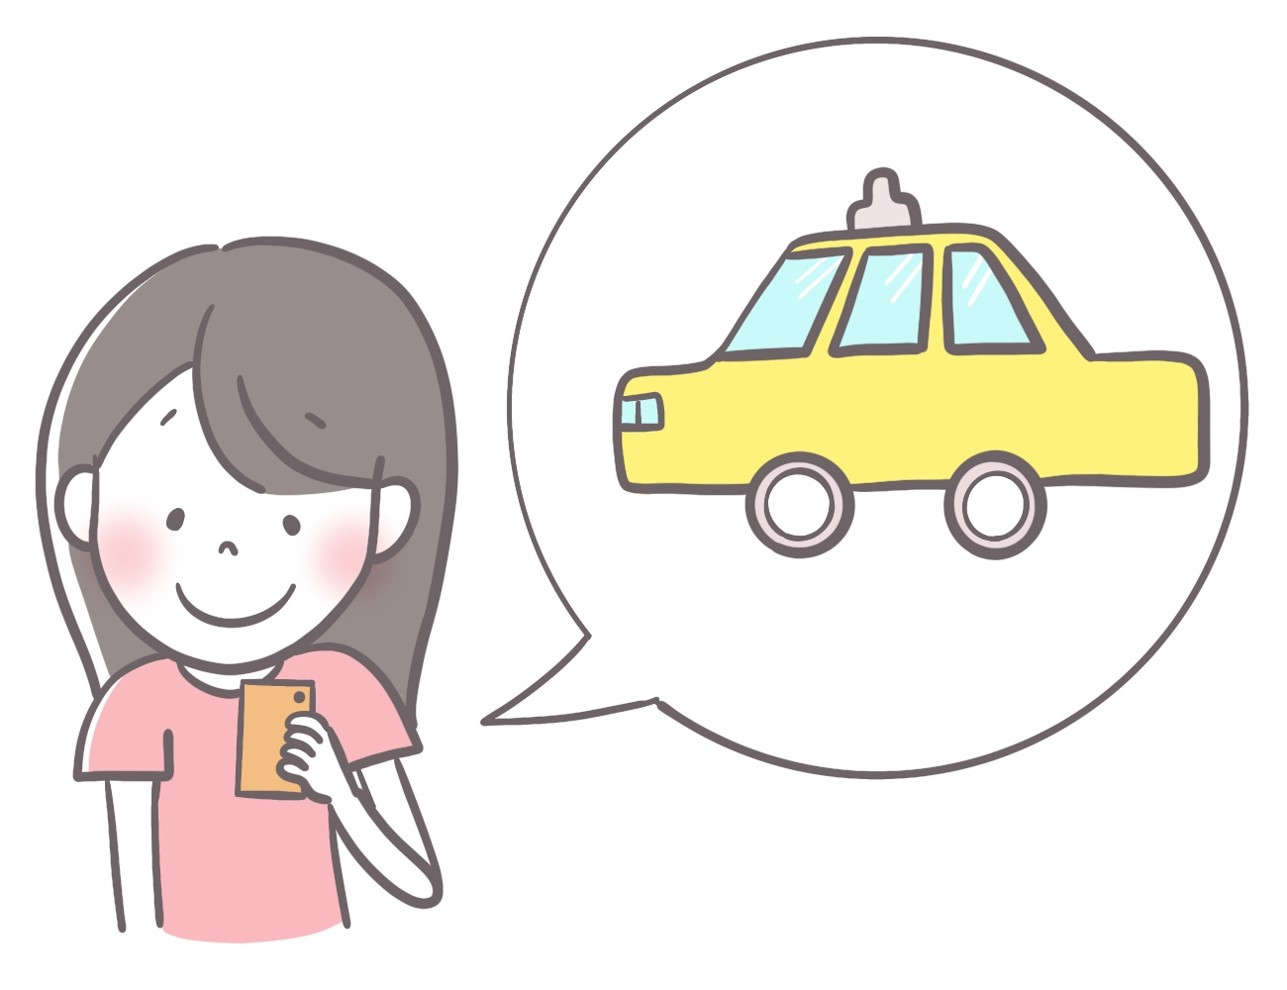 陣痛タクシーを選ぶ際のポイント